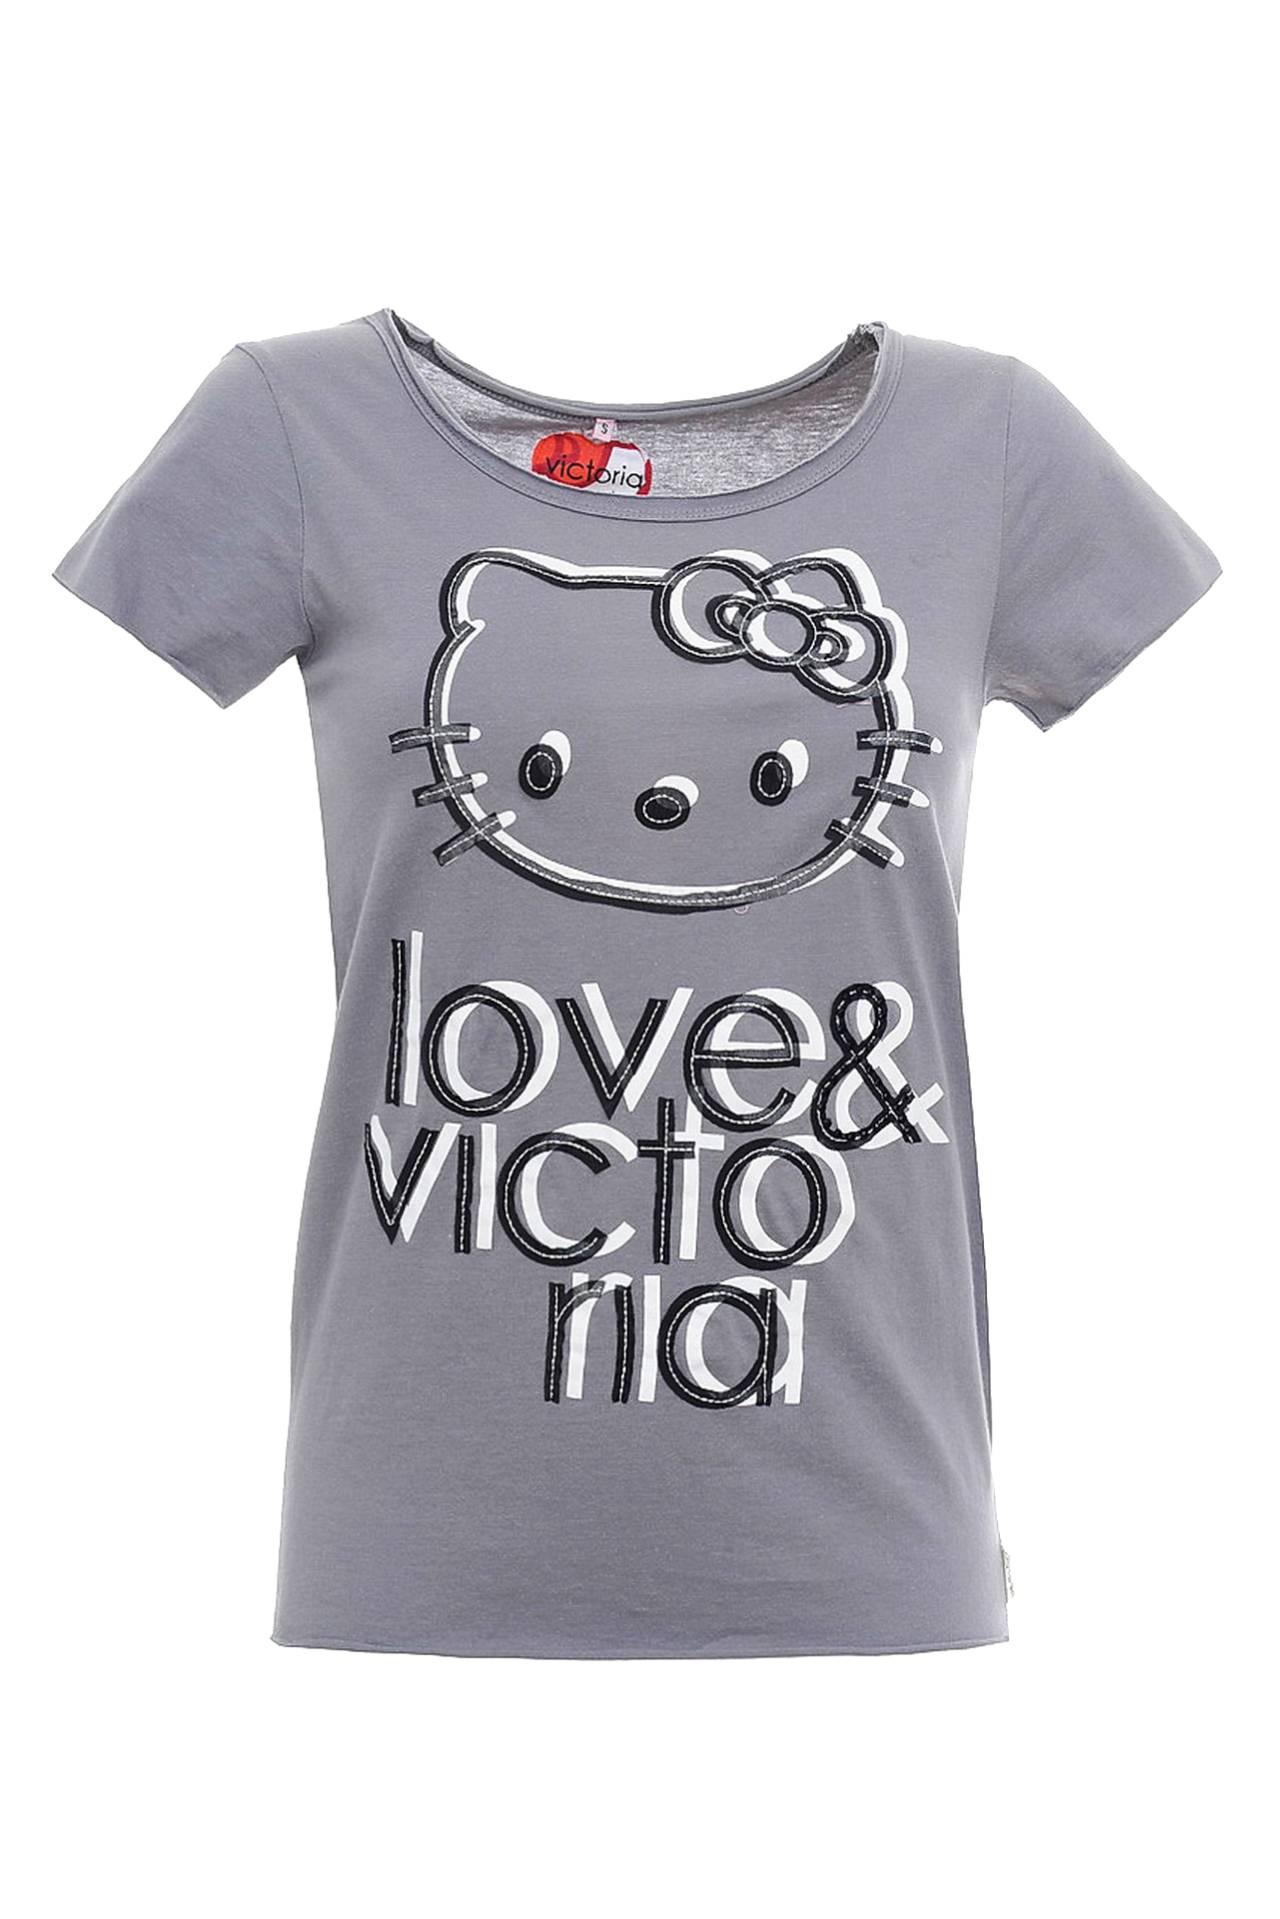 Футболка VICTORIA COUTURE водолазки и лонгсливы ябольшой футболка длинный рукав 73 51а 01 версаль мальчик